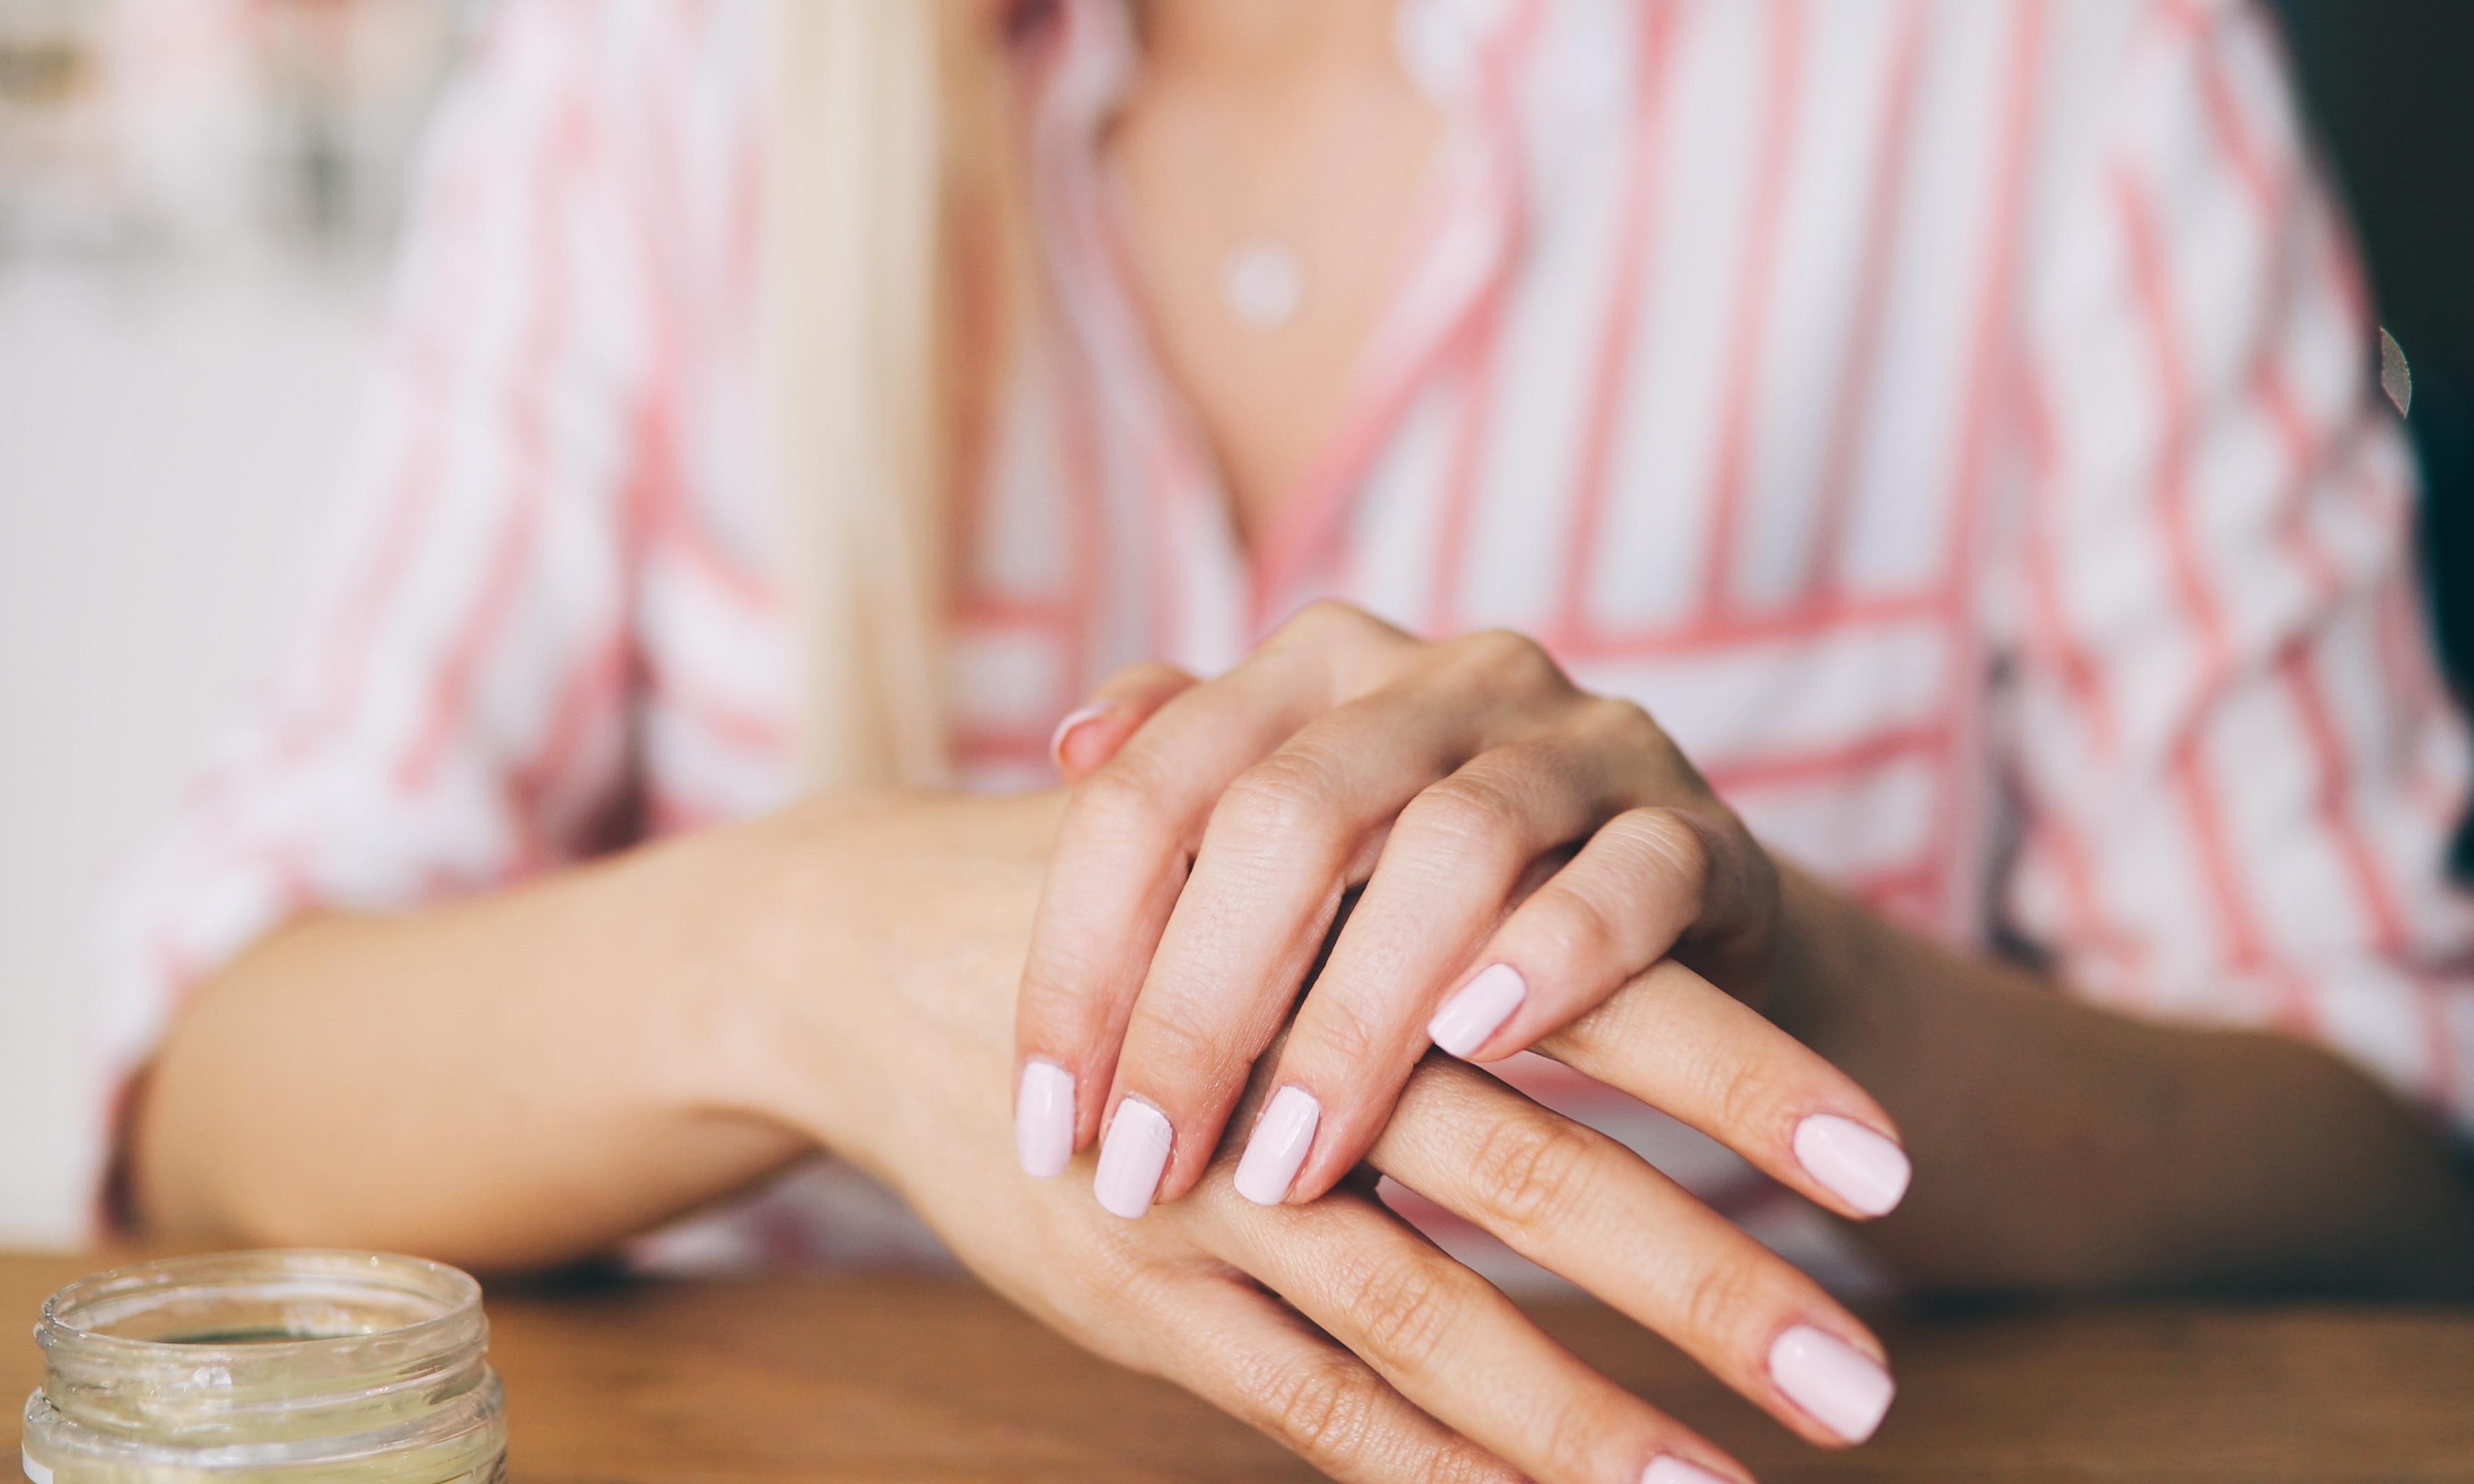 8 народных средств для укрепления ногтей